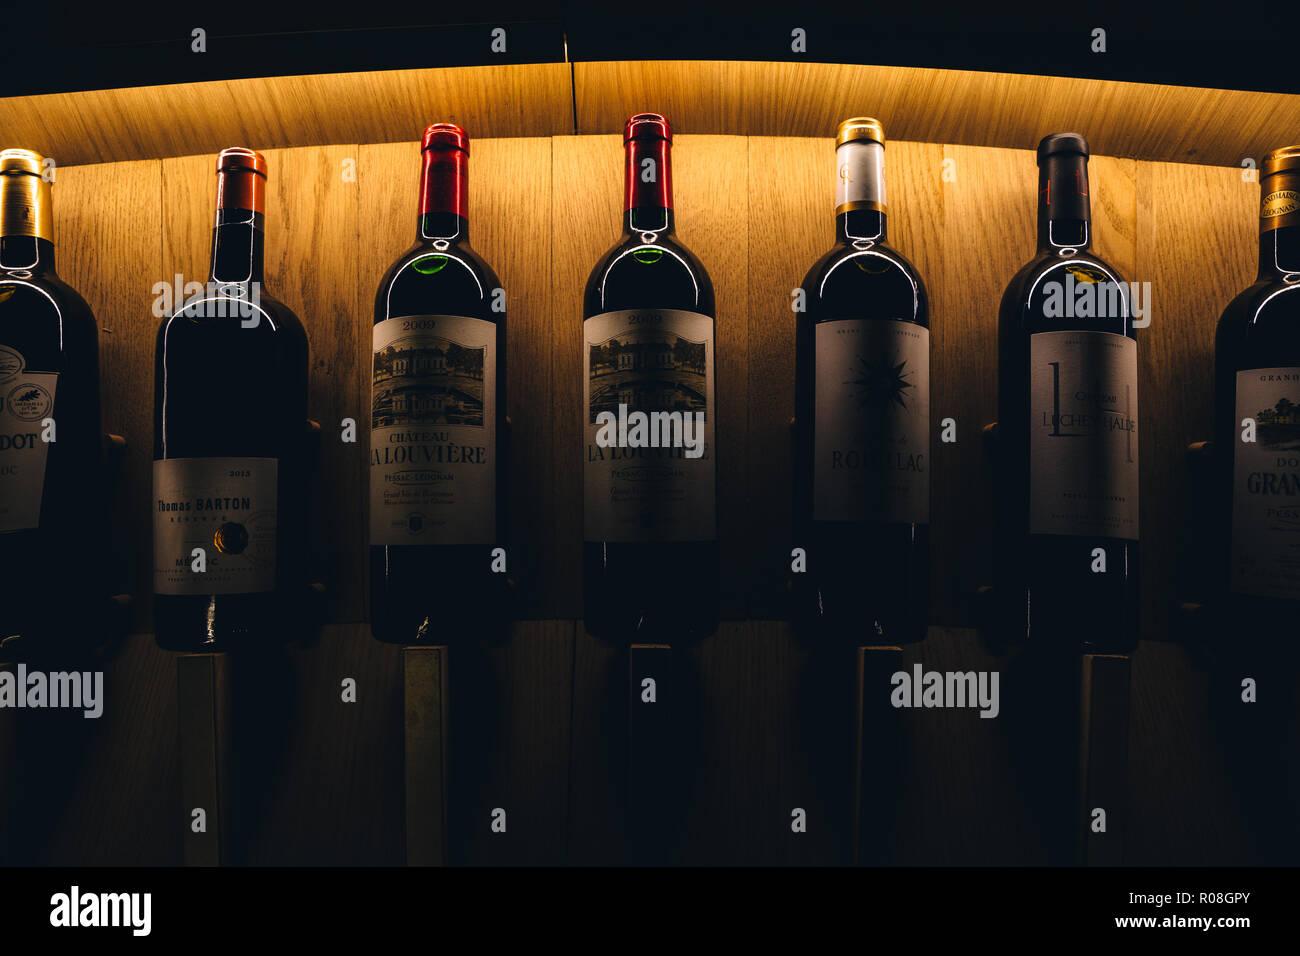 La Cité du Vin, Wine Cultures and Civilisations Museum, Bordeaux, France 2017 - Stock Image